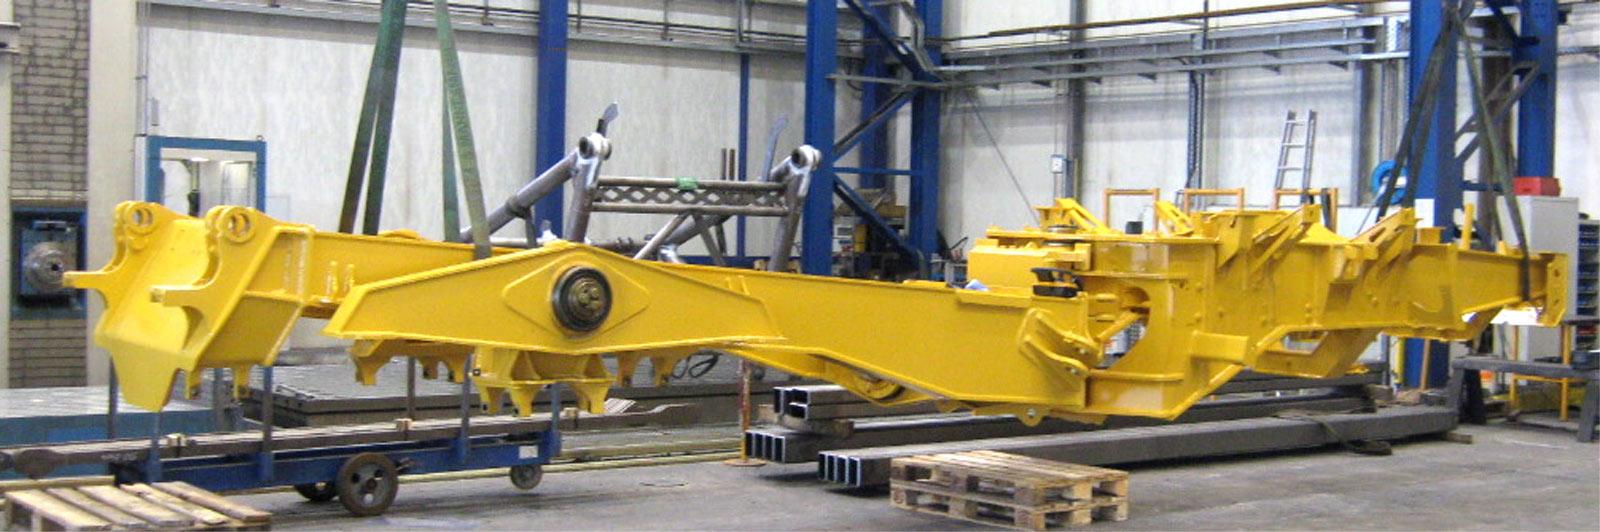 Fahrzeugrahmen - Gothaer Fahrzeugtechnik GmbH